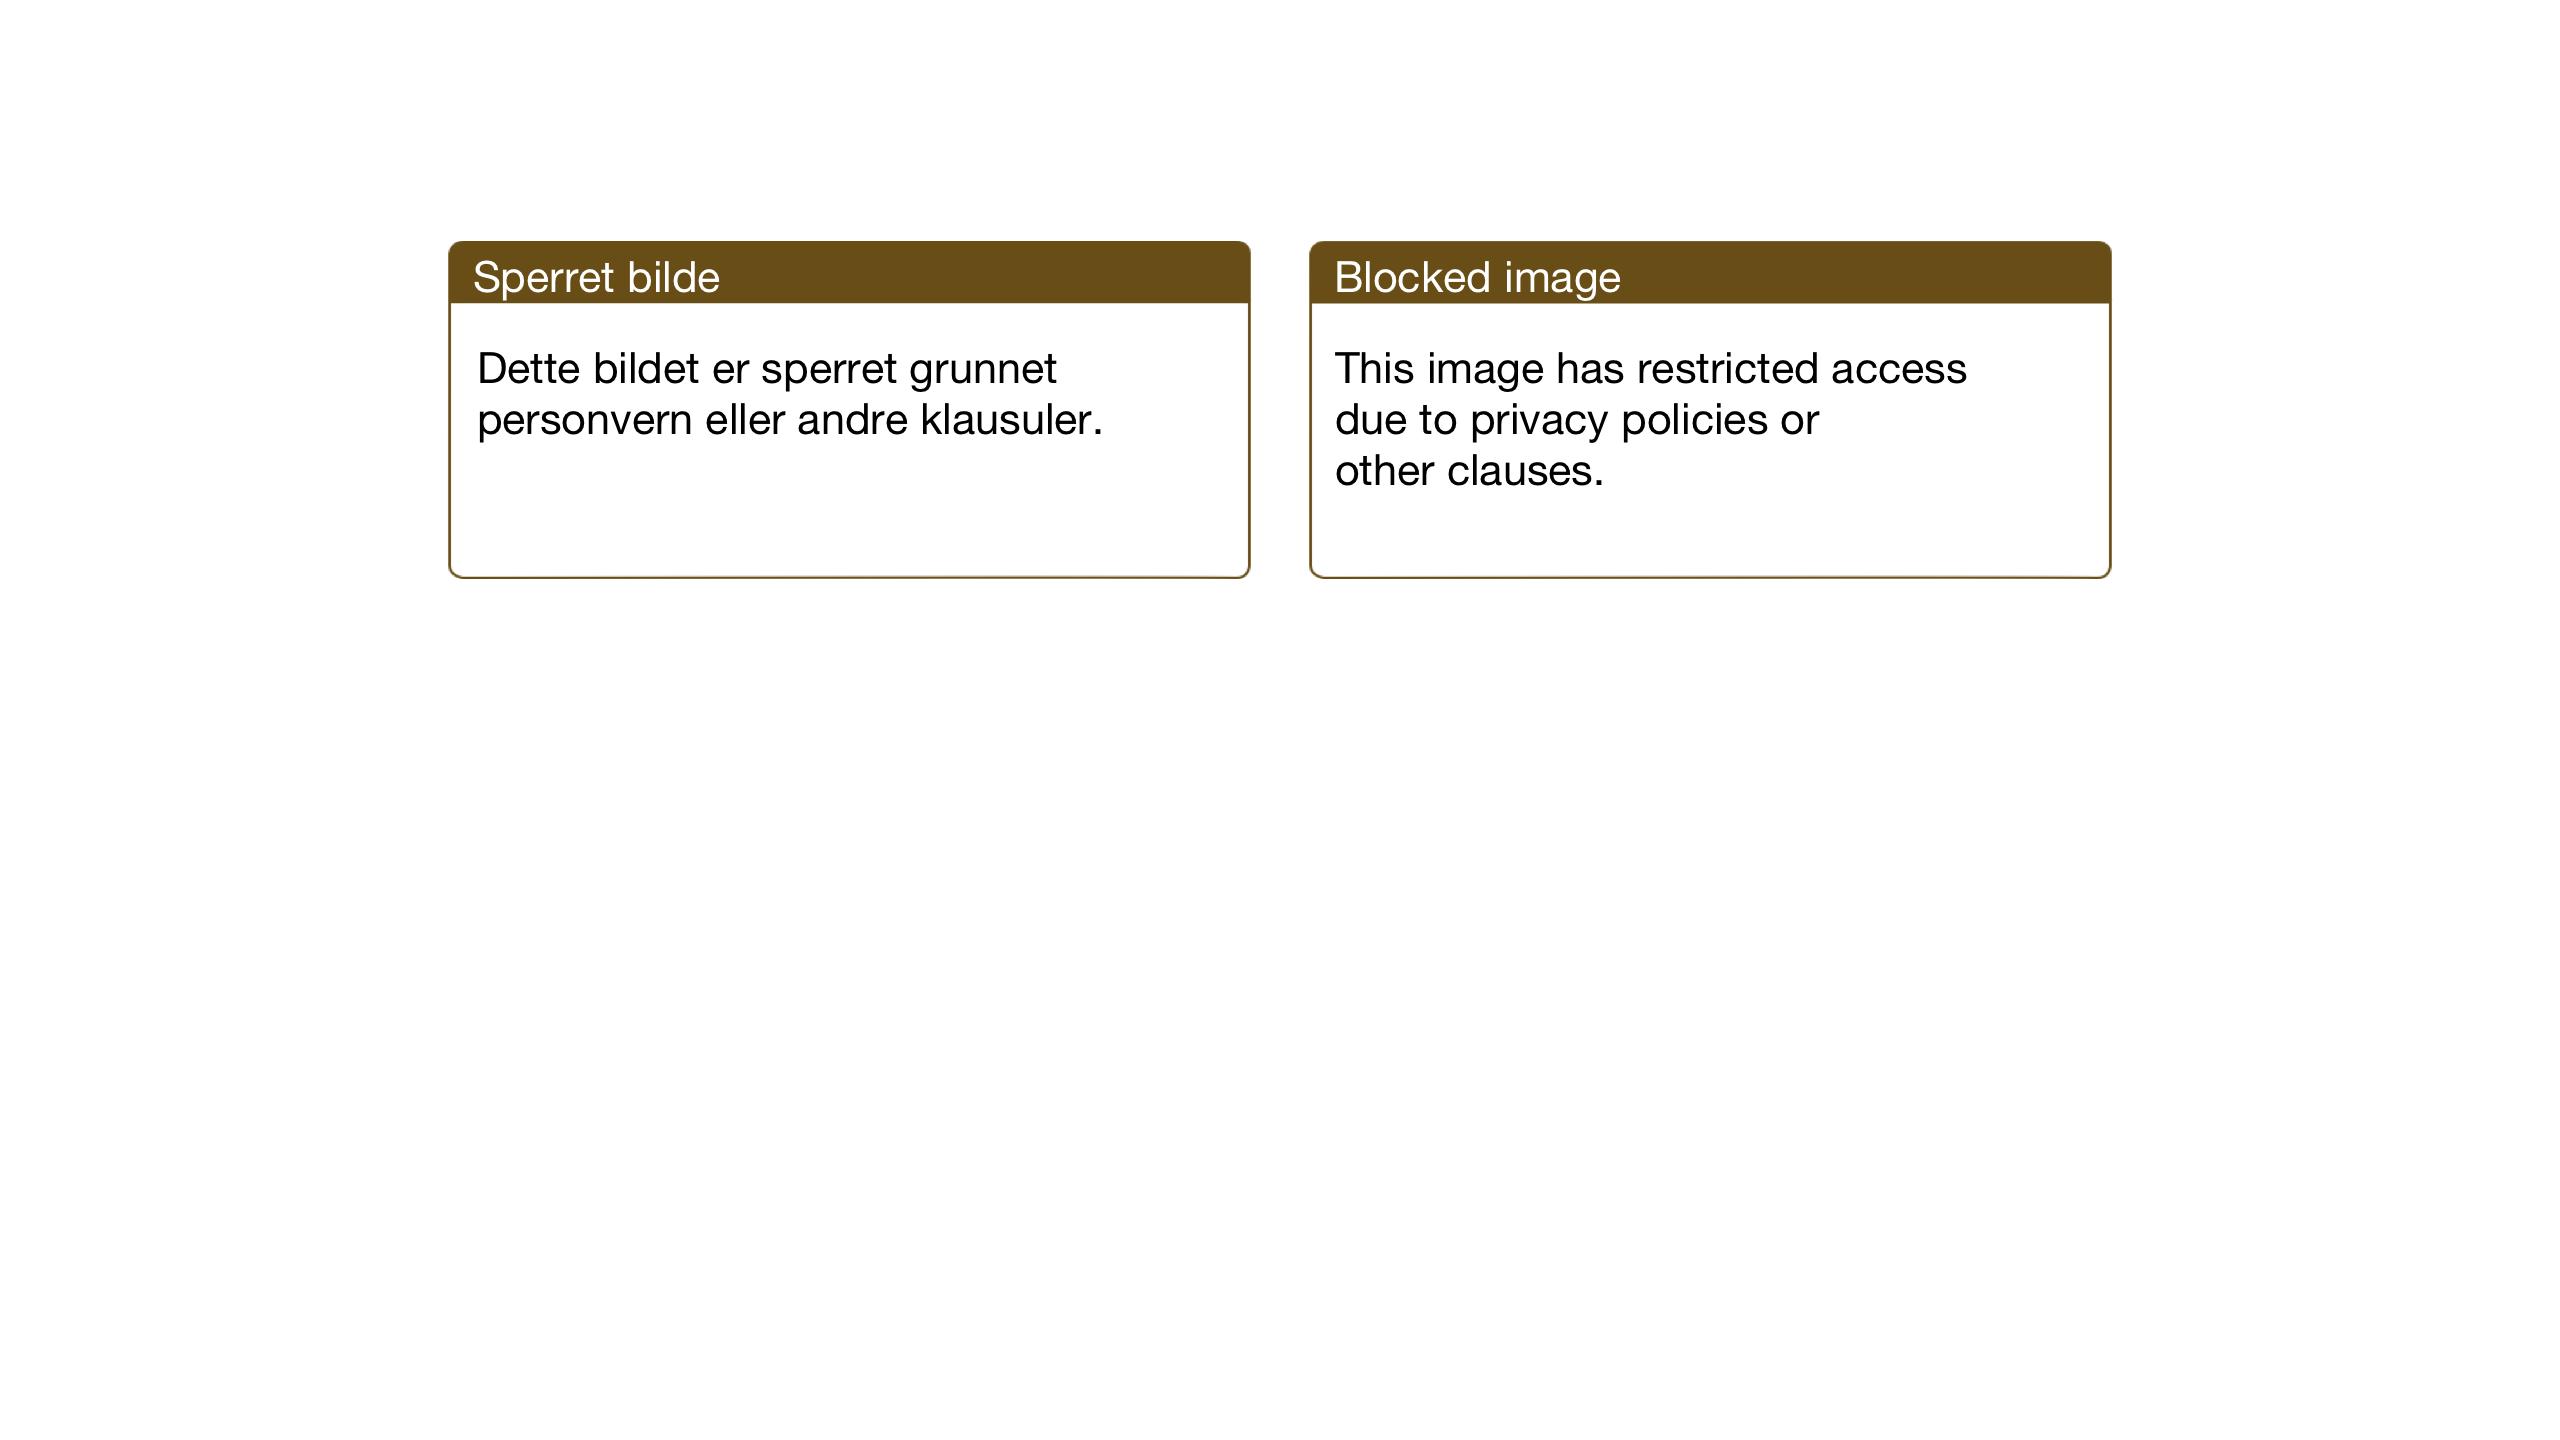 SAT, Ministerialprotokoller, klokkerbøker og fødselsregistre - Nord-Trøndelag, 755/L0500: Klokkerbok nr. 755C01, 1920-1962, s. 181